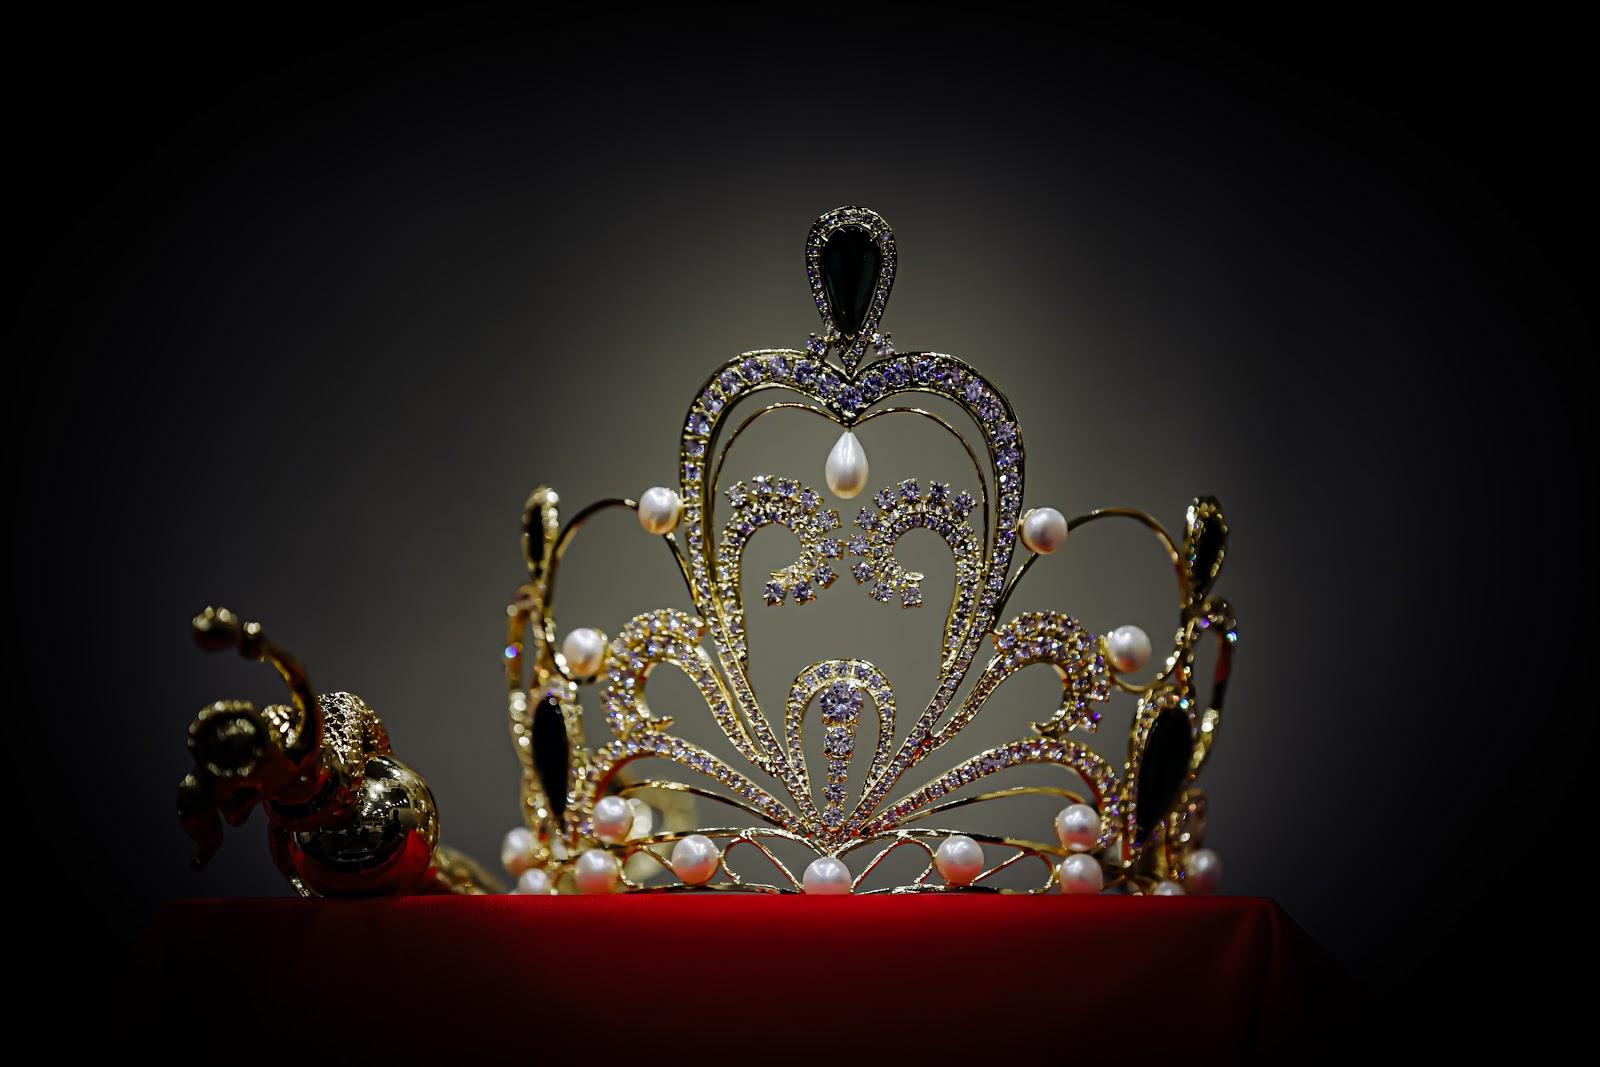 Cận cảnh vương miện 2 tỷ làm từ 2000 viên pha lê của cuộc thi Hoa hậu Tiểu Vy làm giám khảo - Hình 4